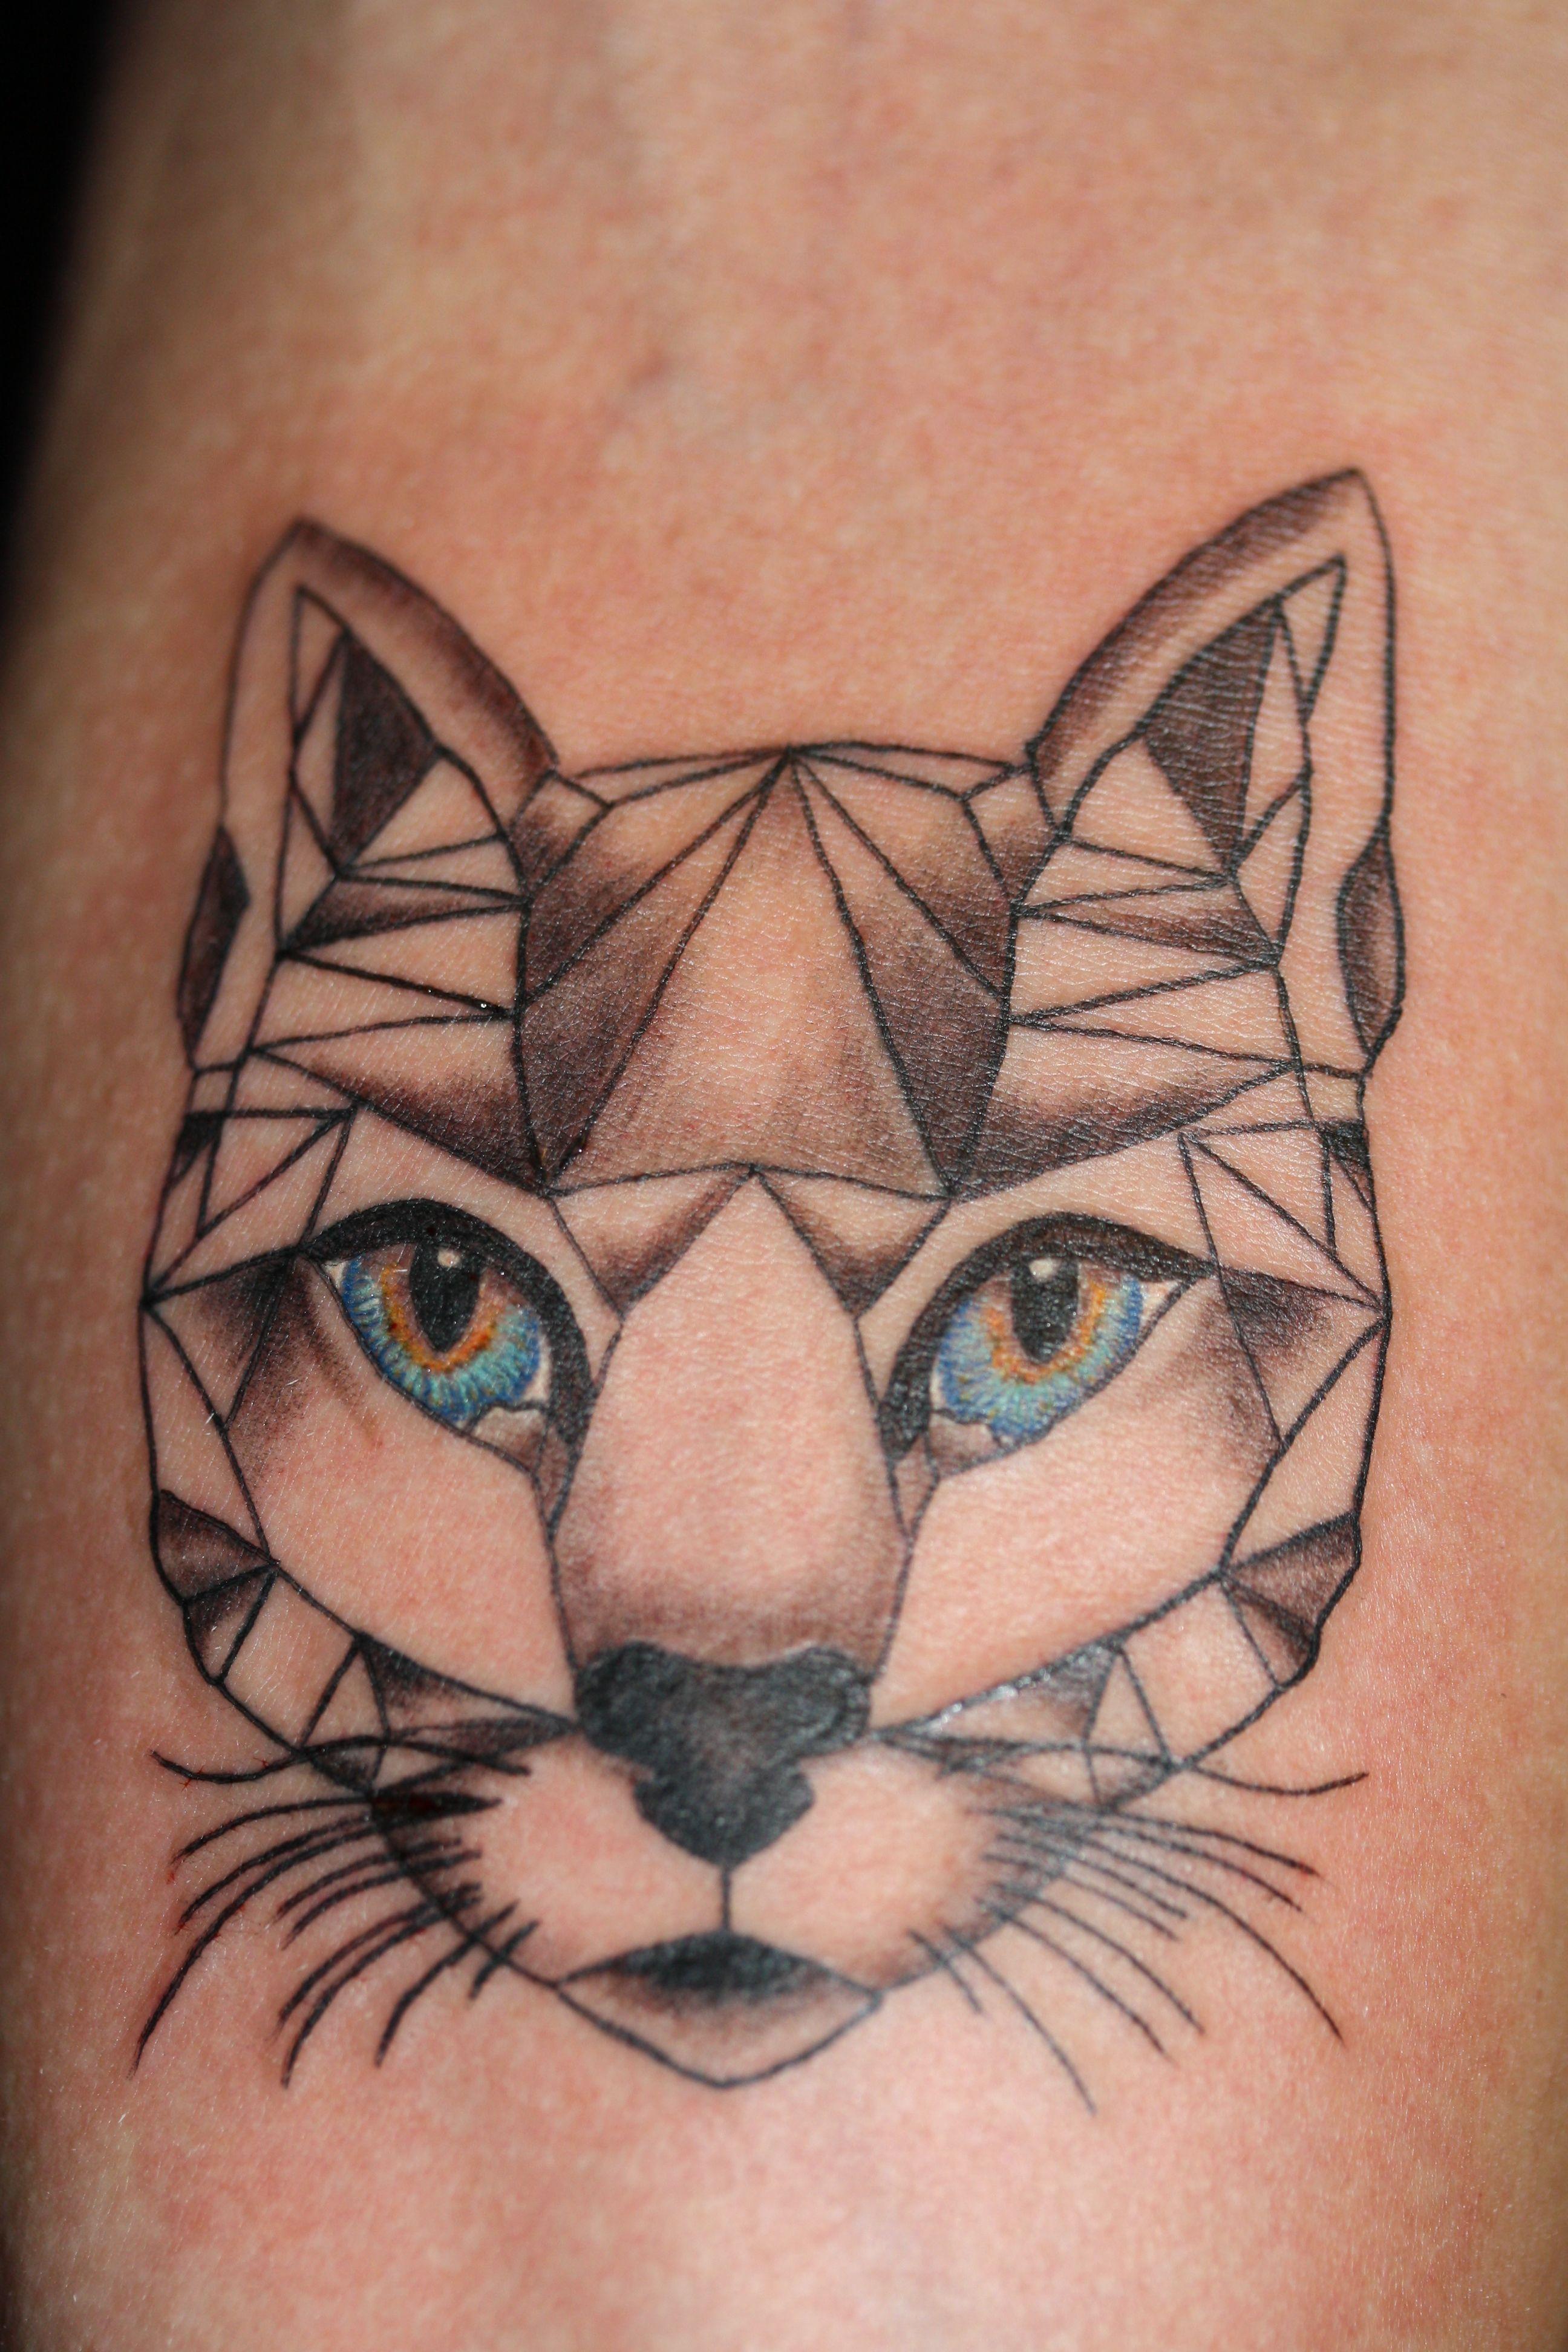 Tatuaż Geometryczny Kot Z Kolorowymi Tęczówkami Wykonanie